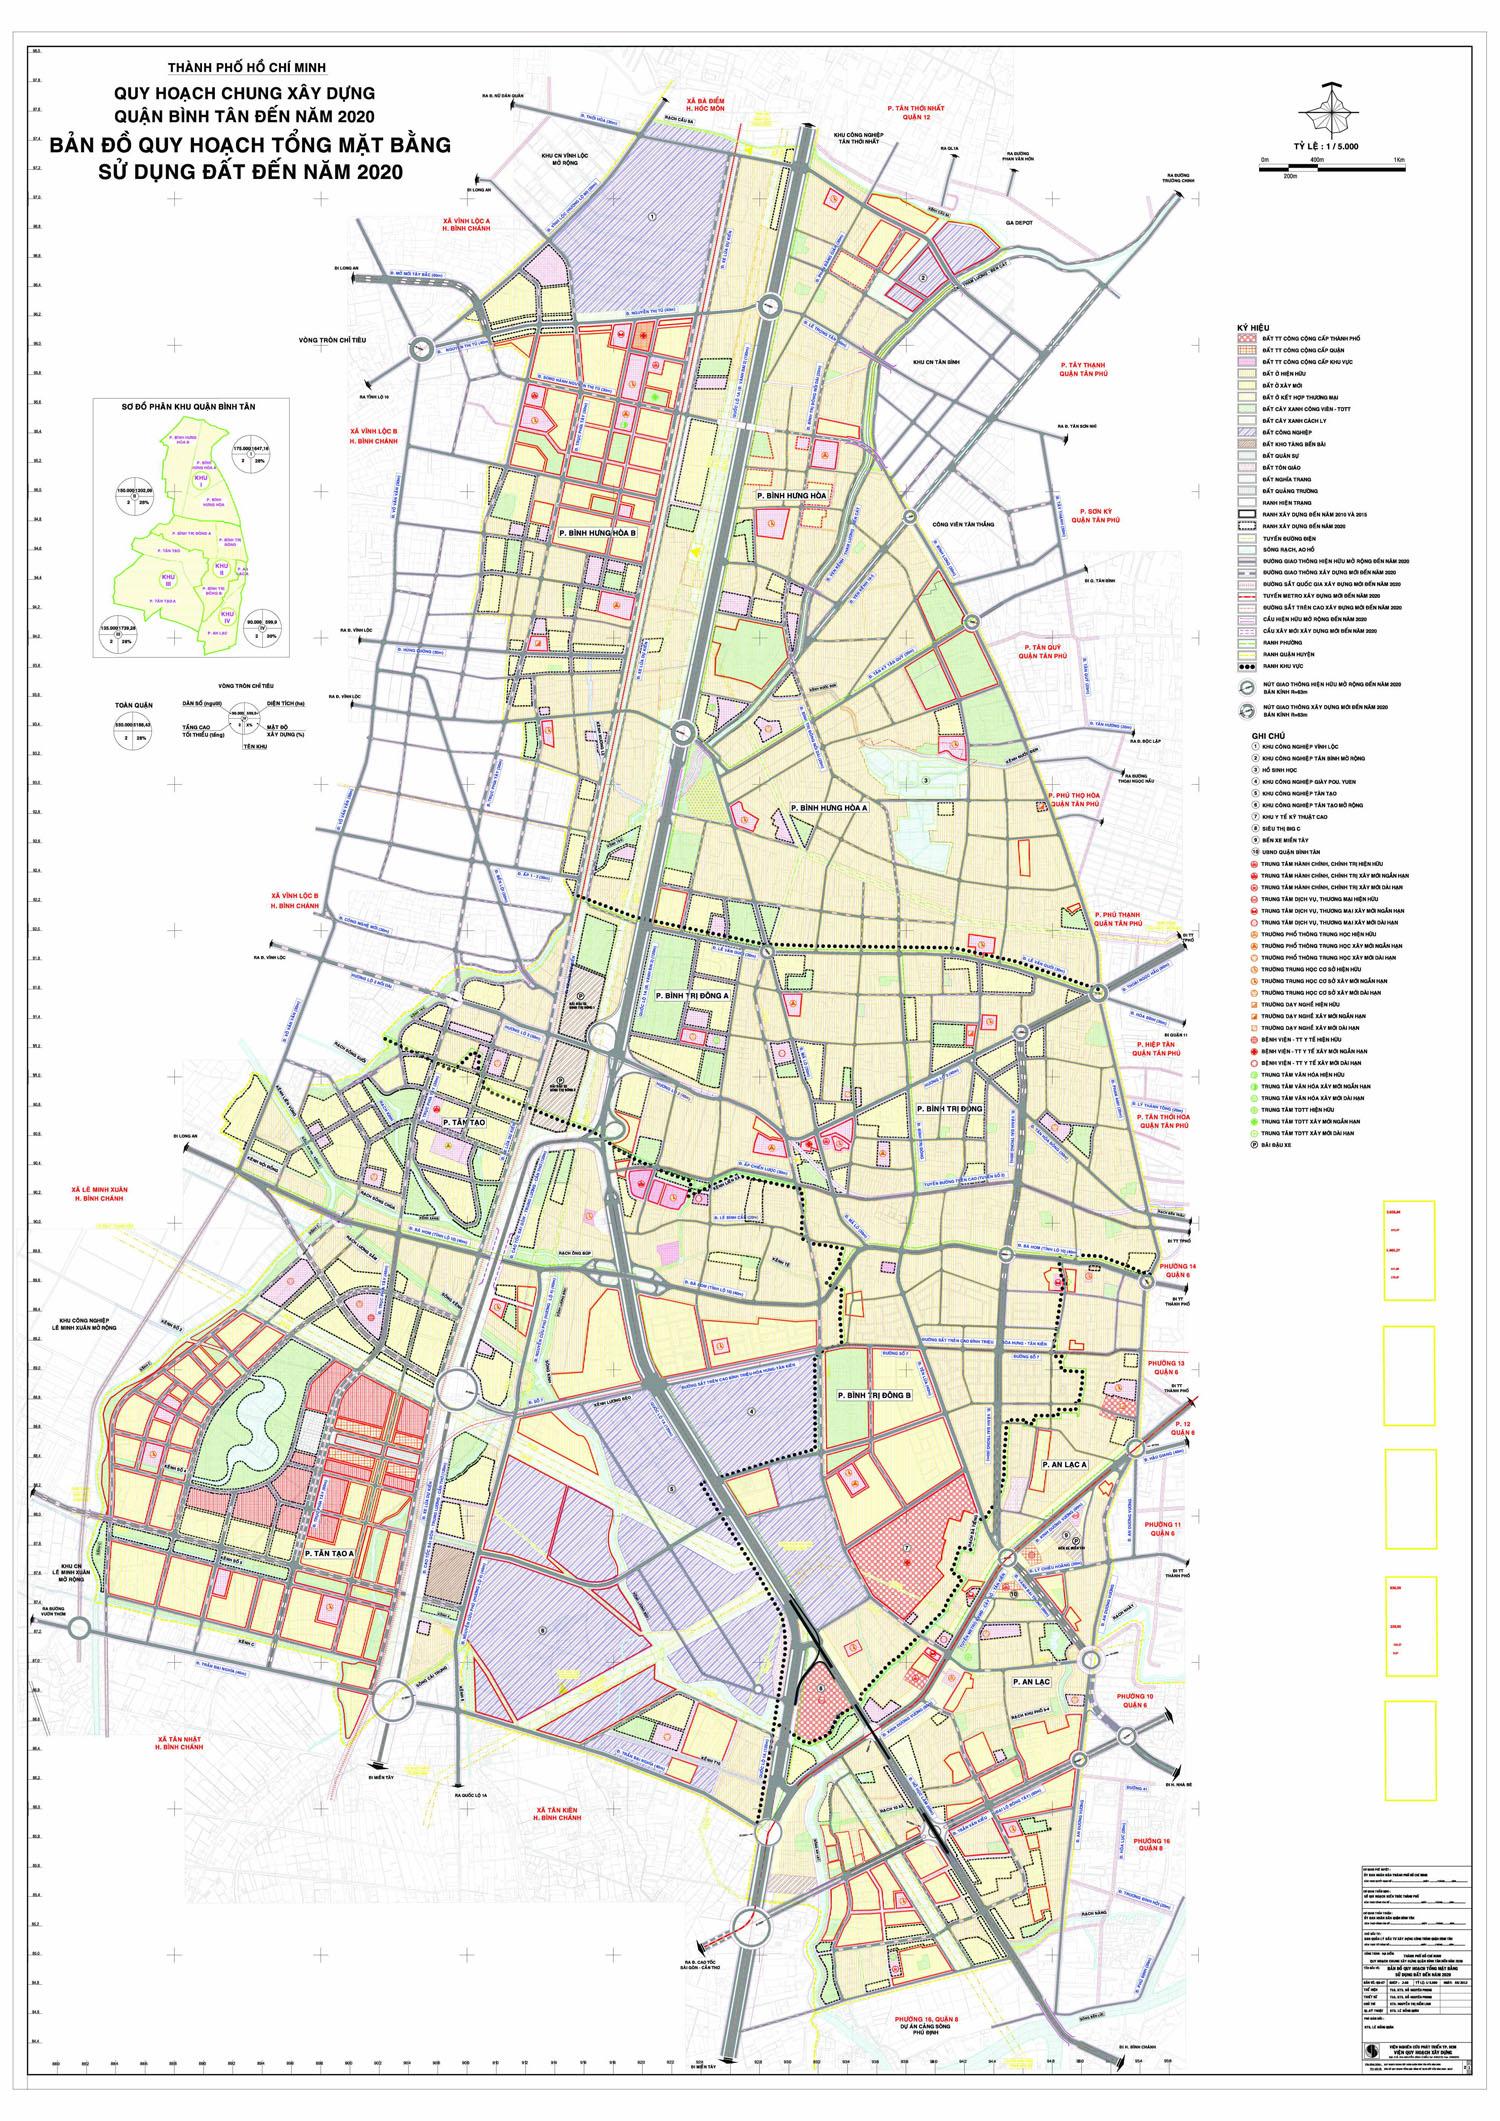 Bảng giá nhà đất quận Bình Tân từ năm 2015 đến 2019